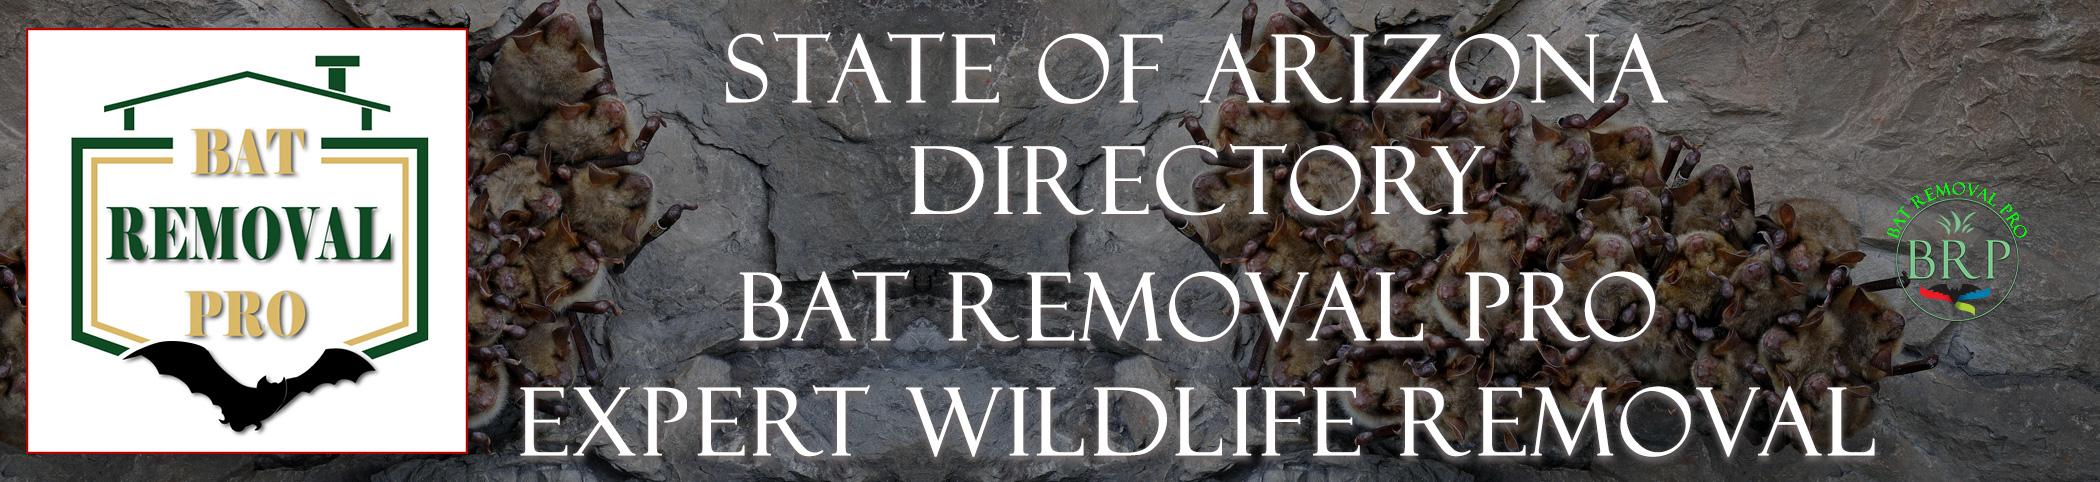 arizona-bat-removal-at-bat-removal-pro-header-image